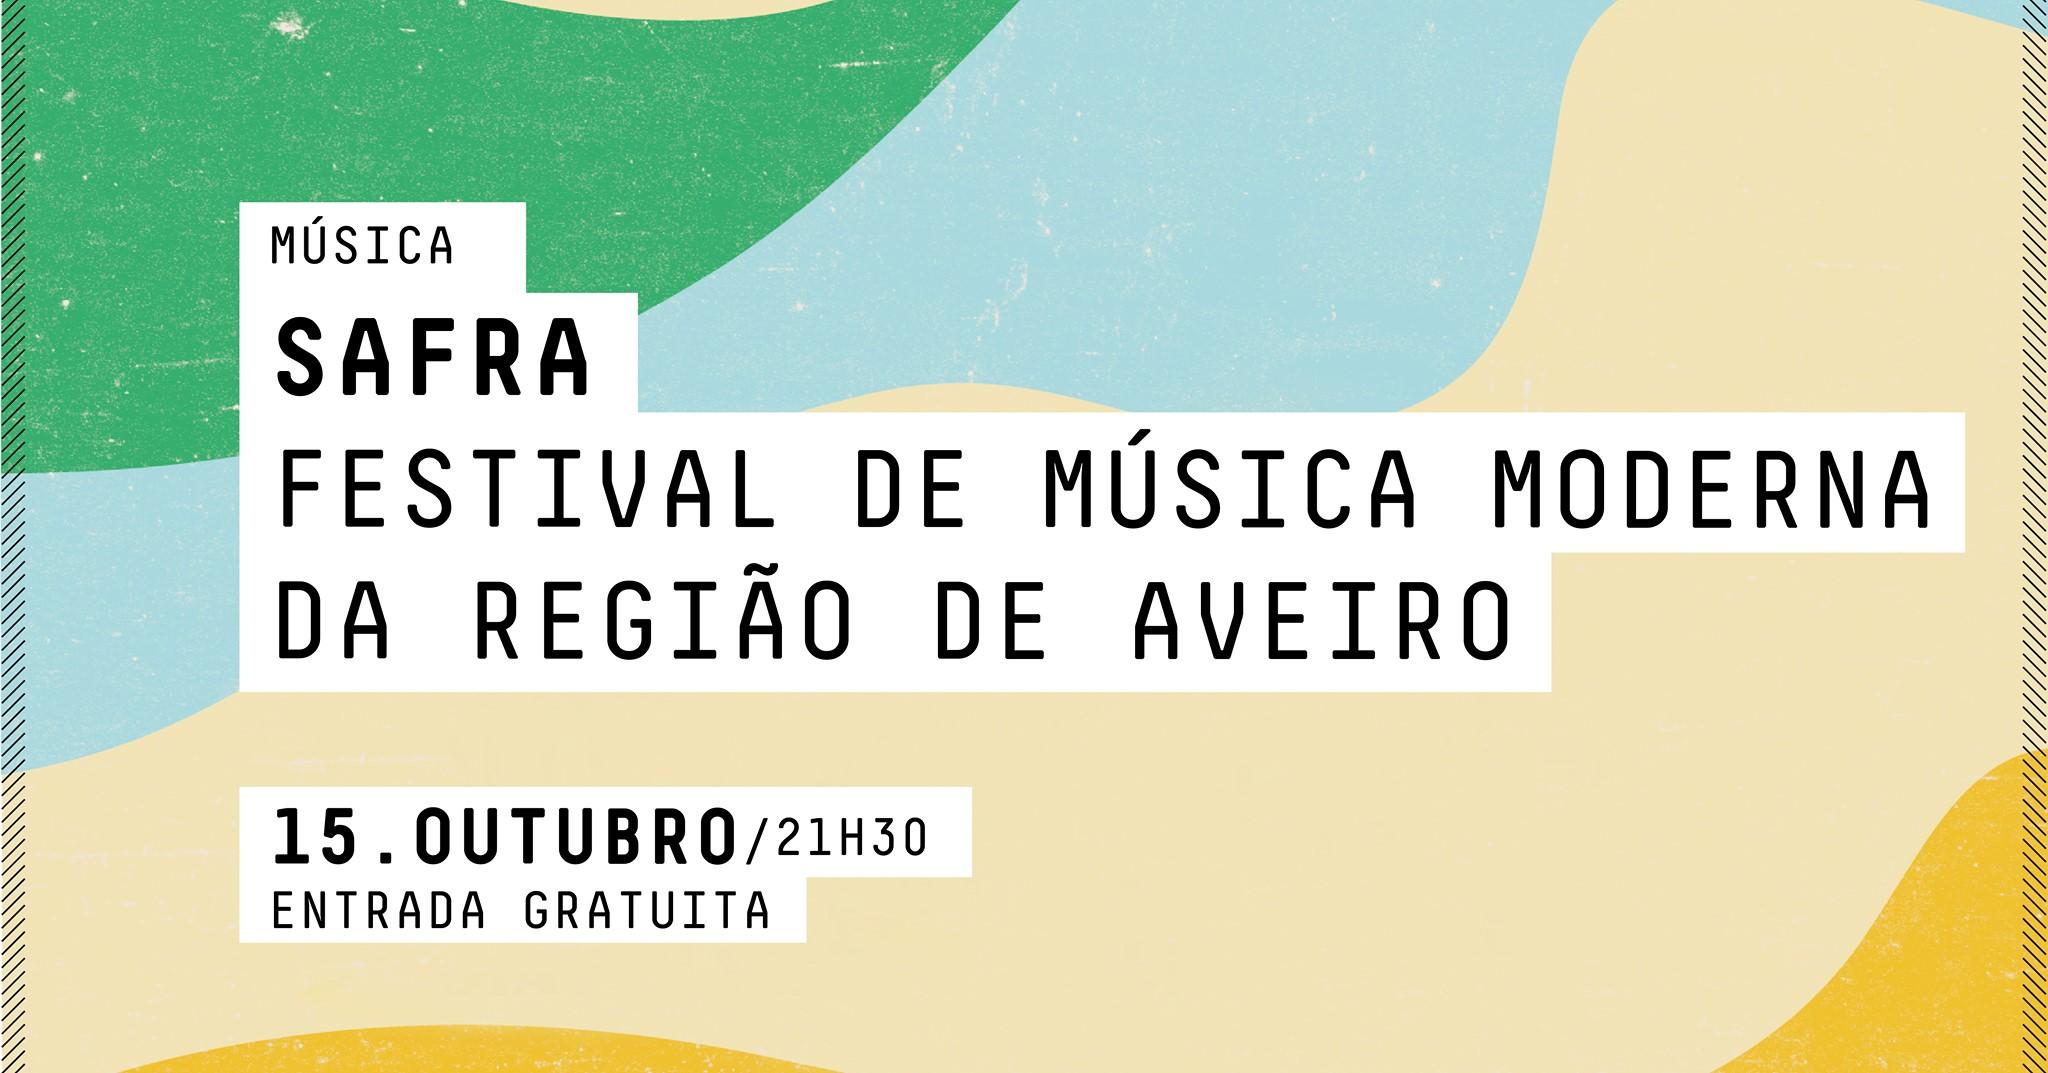 SAFRA FESTIVAL DE MÚSICA MODERNA DA REGIÃO DE AVEIRO - MÚSICA